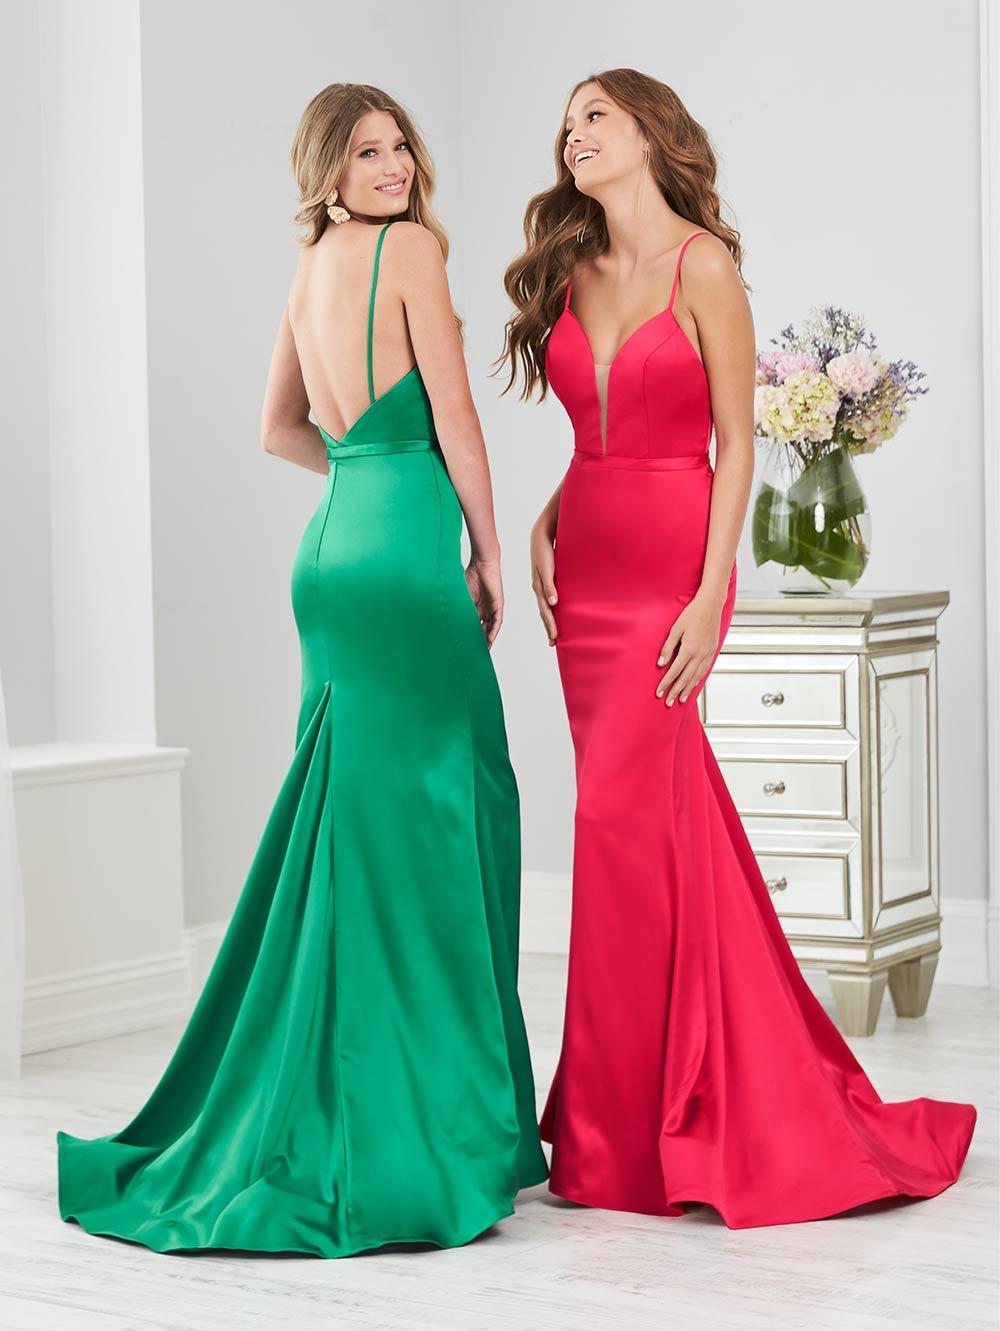 prom-dresses-jacquelin-bridals-canada-27879